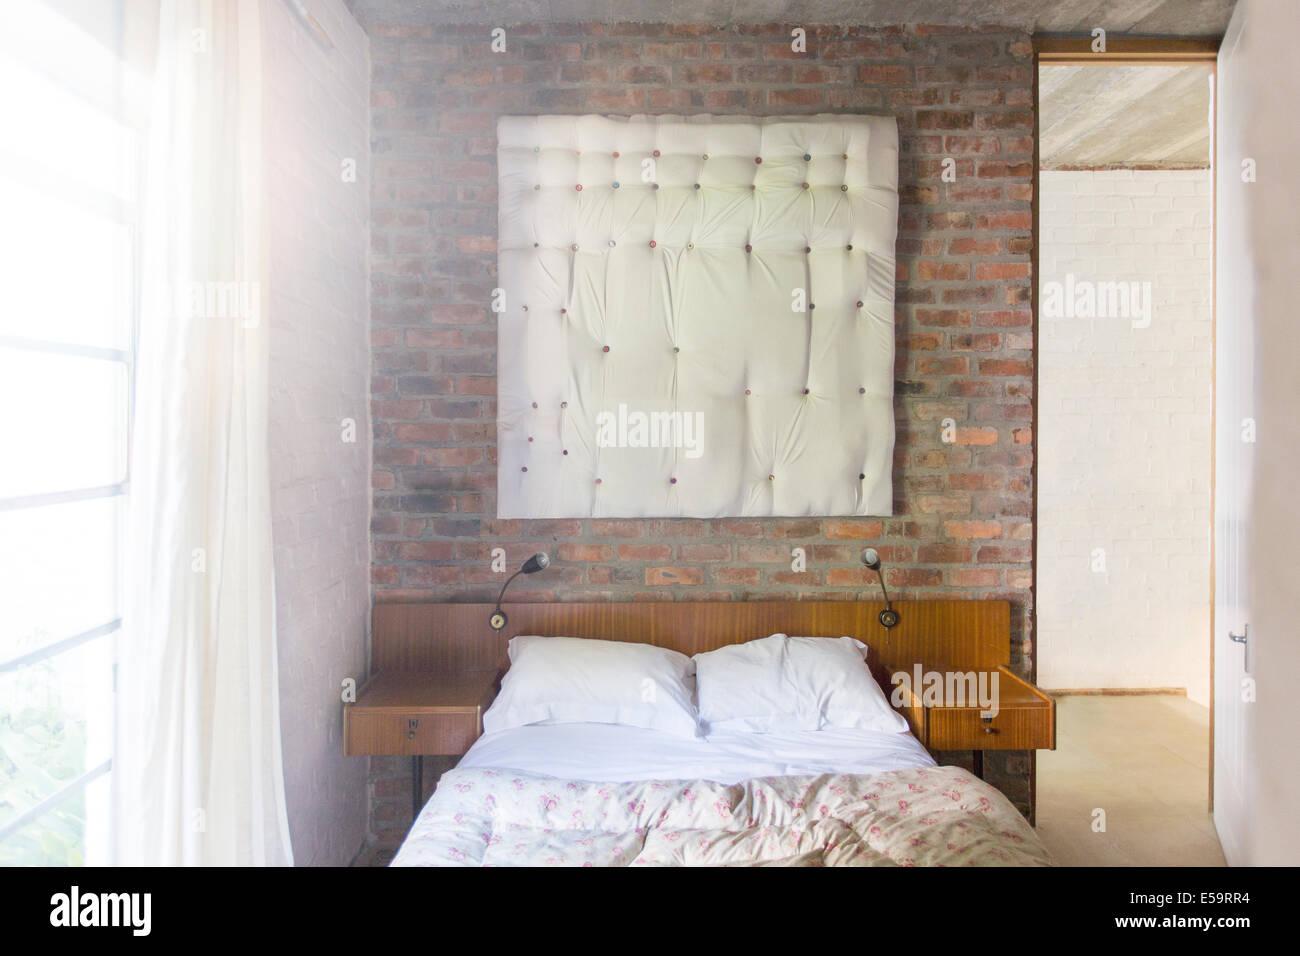 Tenture murale dans chambre à coucher moderne Photo Stock